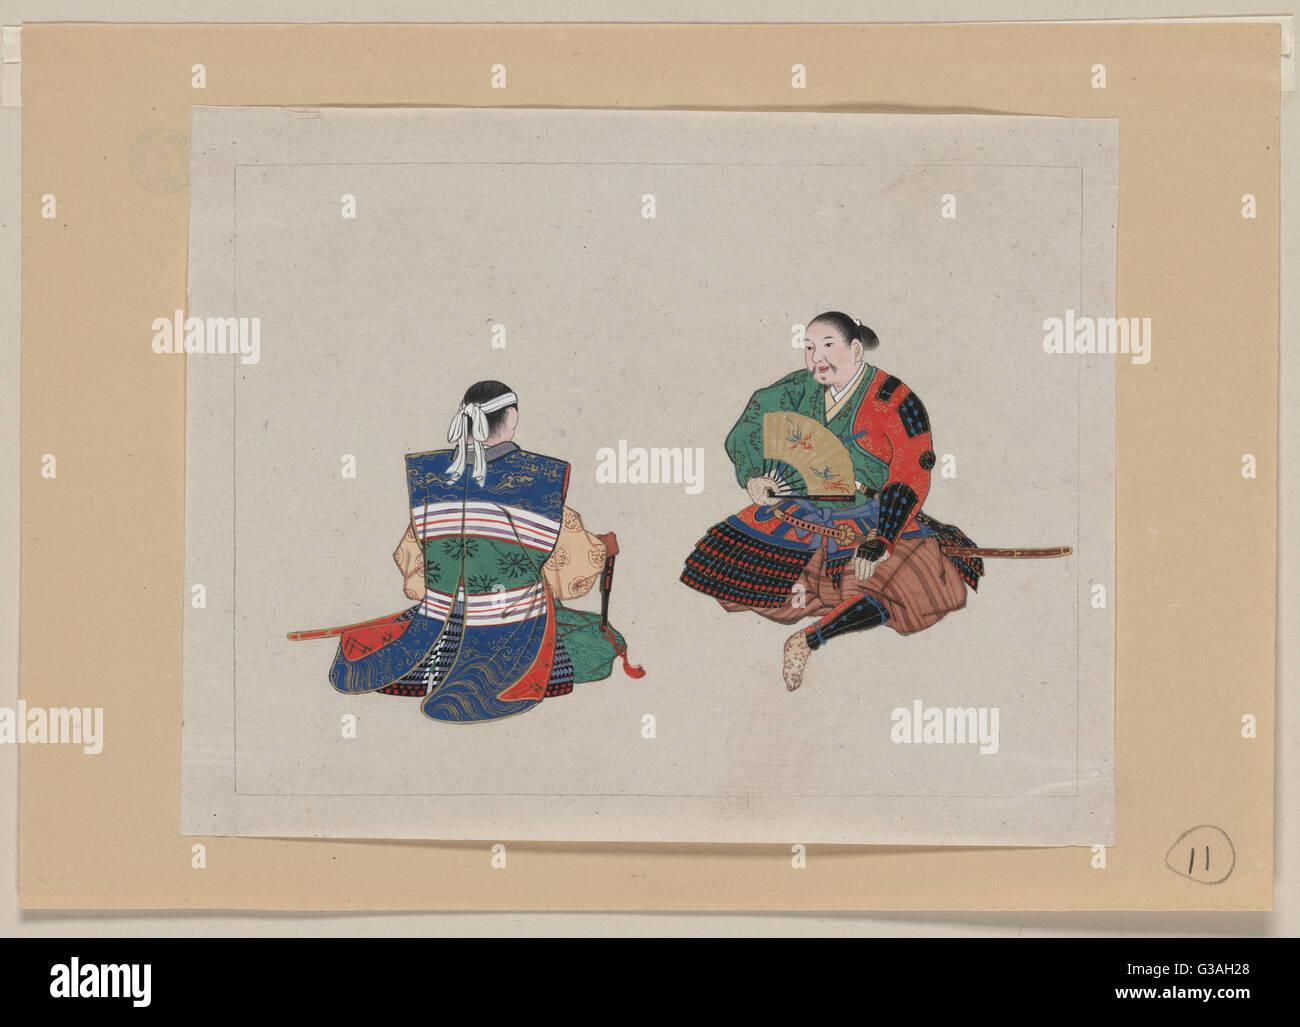 Vista anteriore e posteriore di uniformi e armatura di samurai. Data 1878?. Immagini Stock